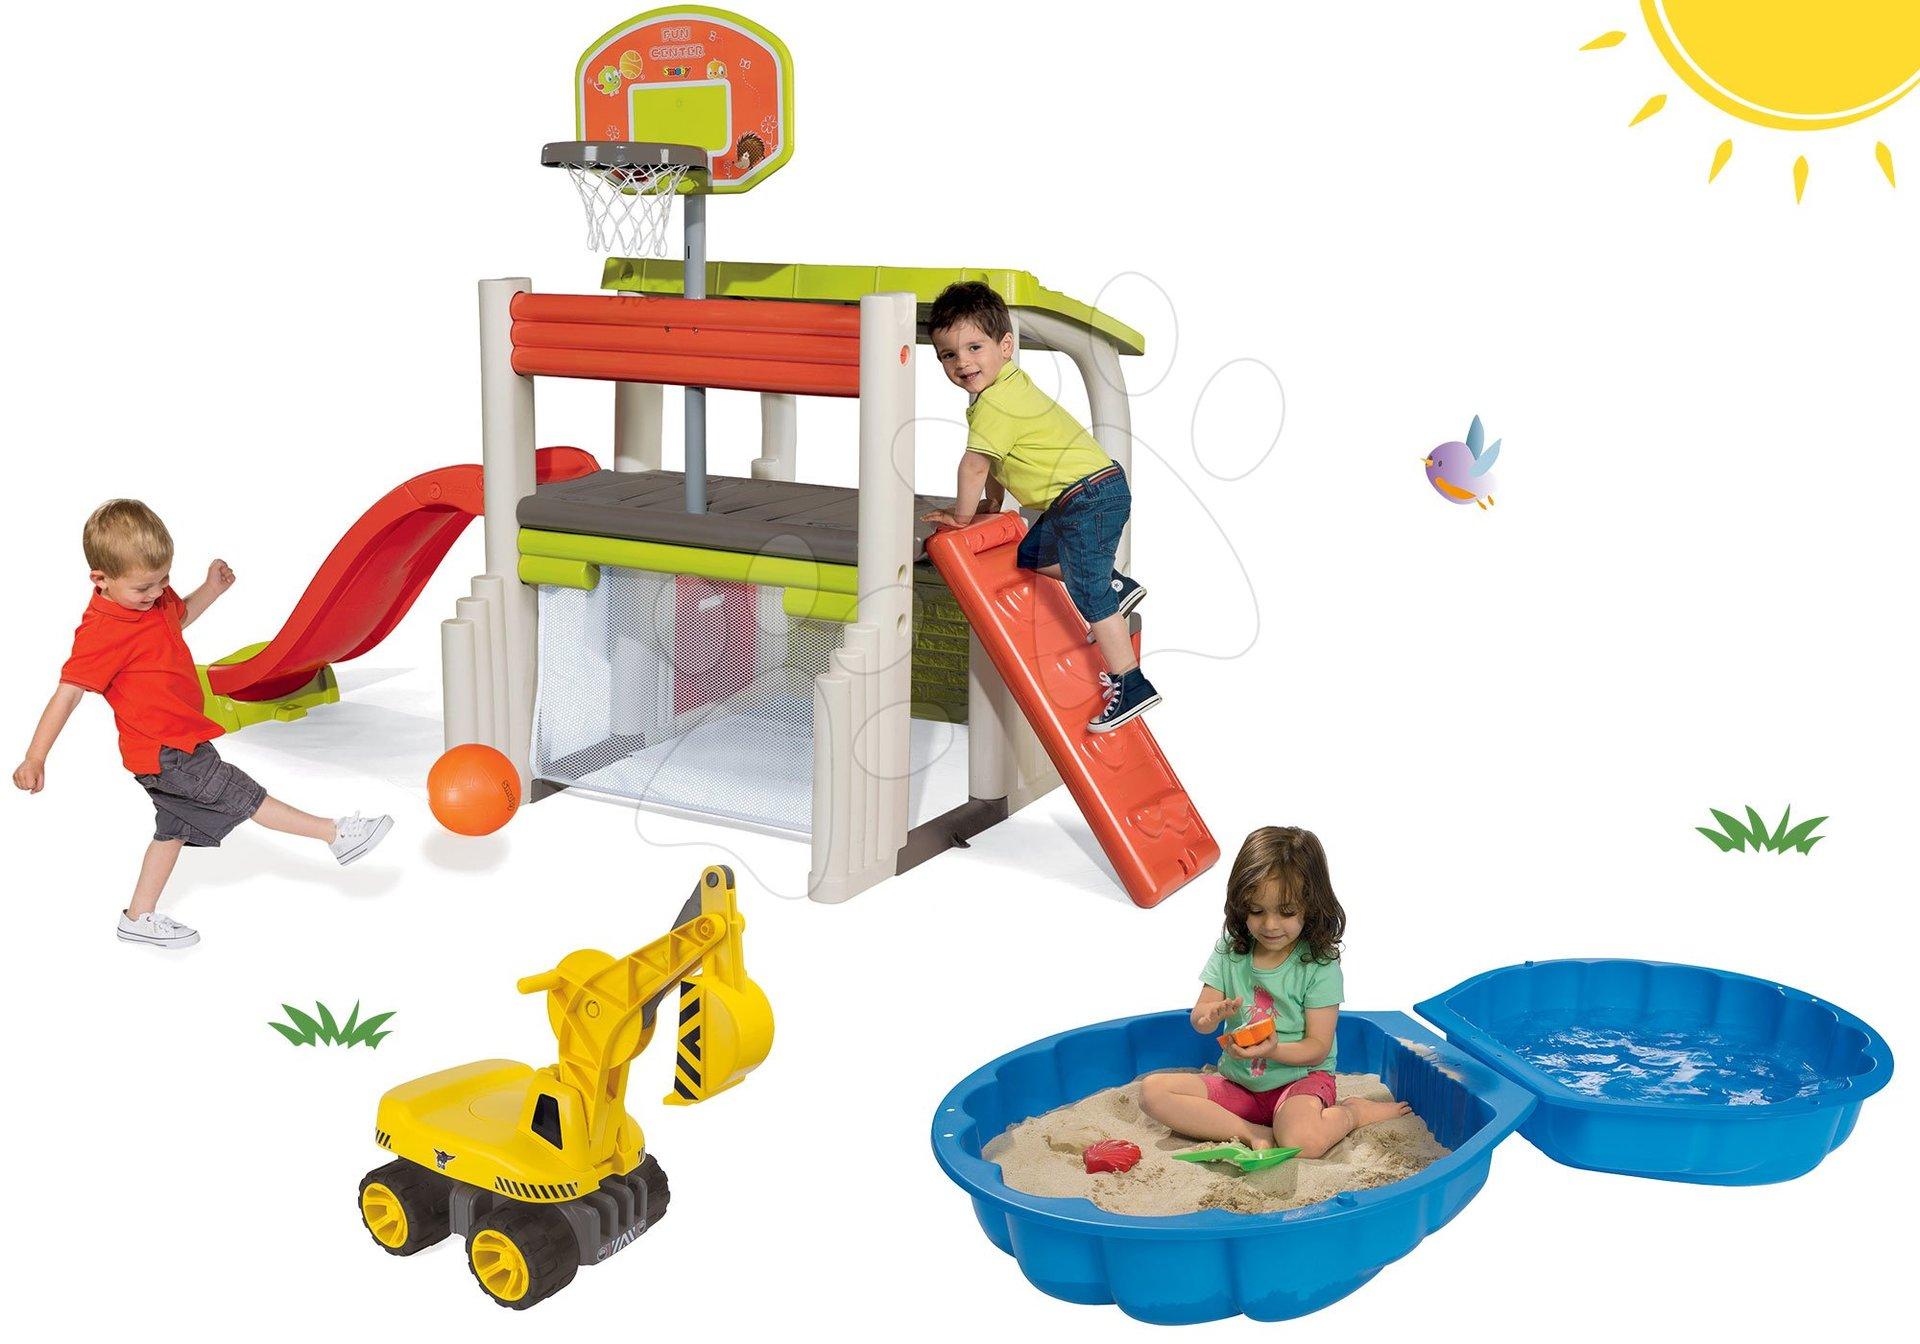 Szett játszóter Fun Center Smoby csúszdával hossza 150 cm, markológép Maxi Power és kétrészes homokozó 24 hó-tól